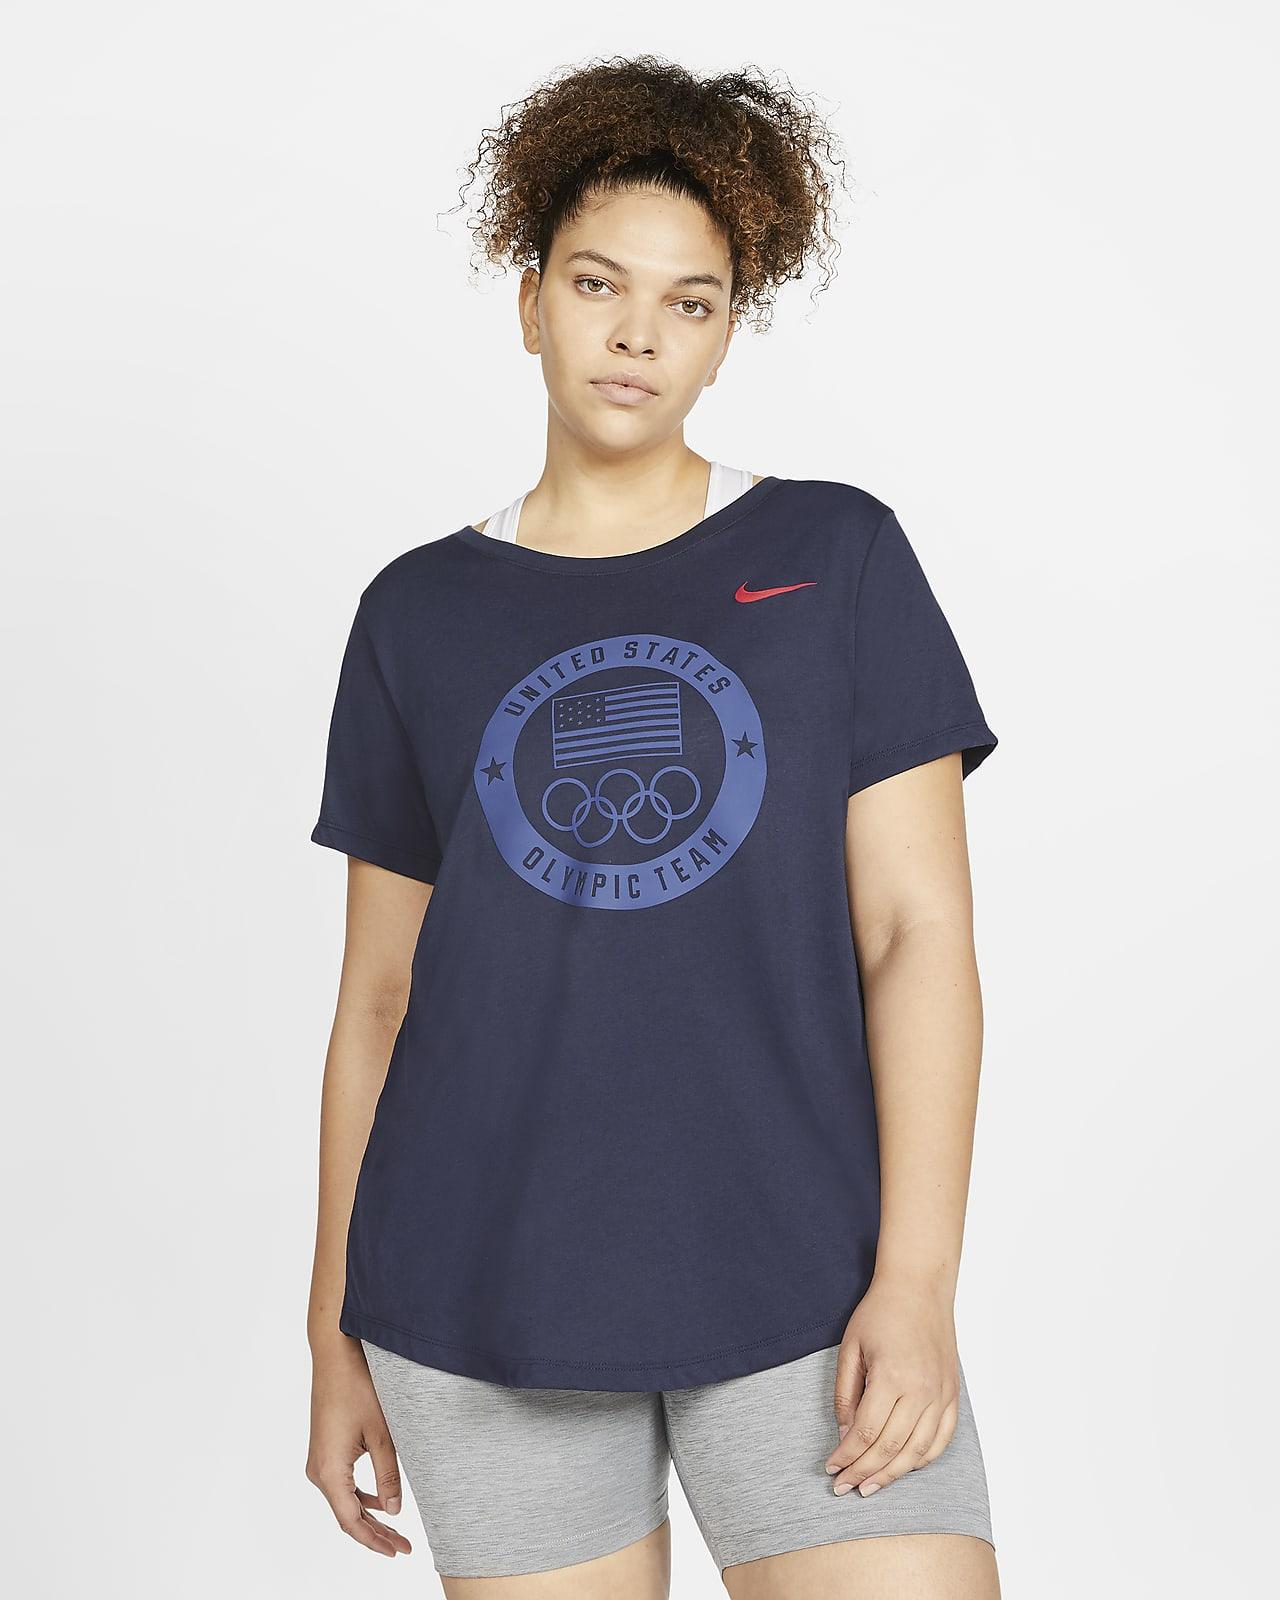 Playera de entrenamiento para mujer Nike Team USA (talla grande)